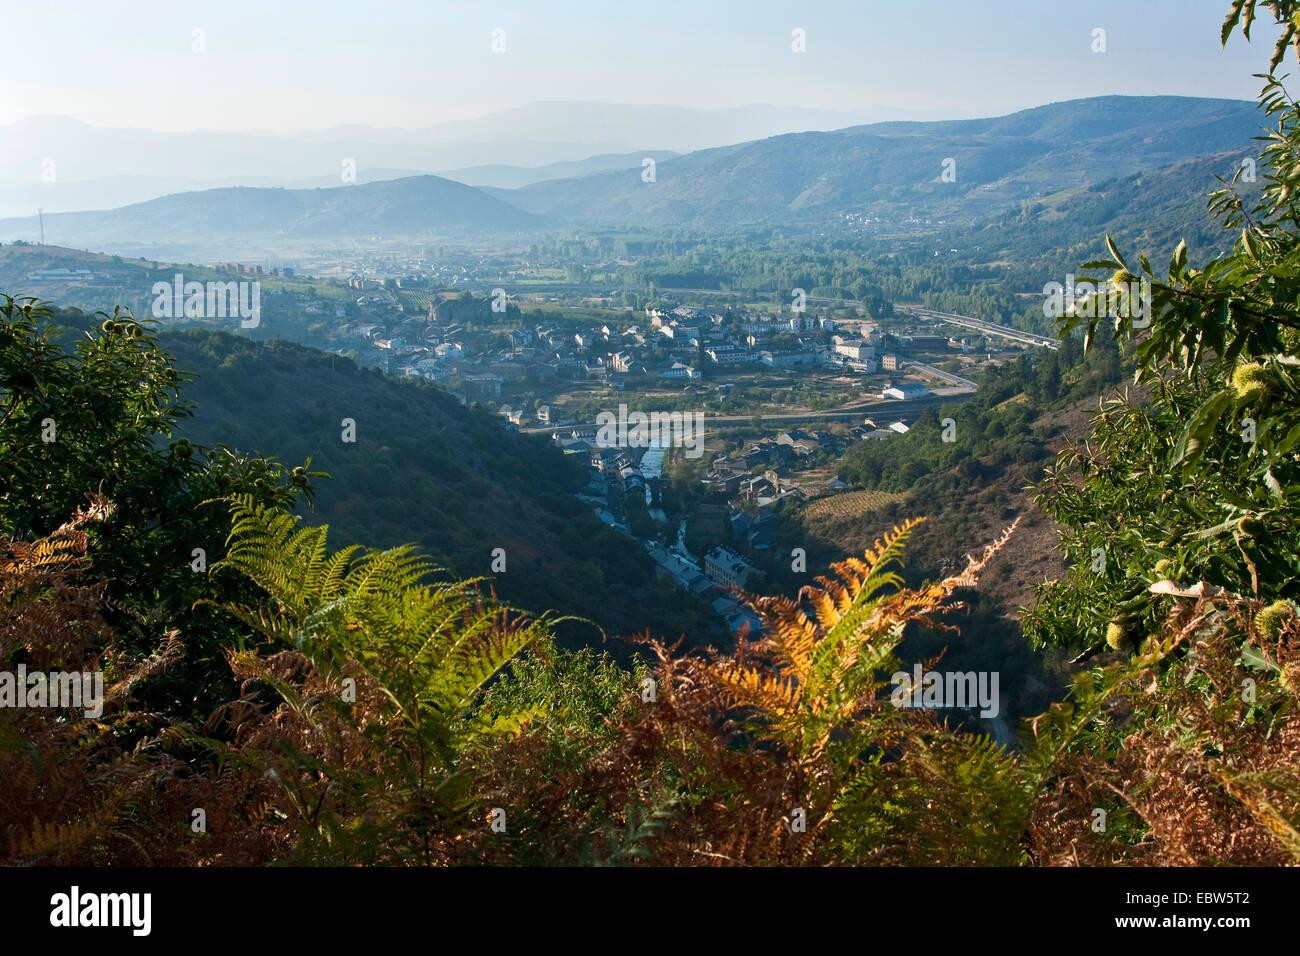 view to Villafranca del Bierzo, Spain, Leon, Kastilien, Villafranca del Bierzo - Stock Image